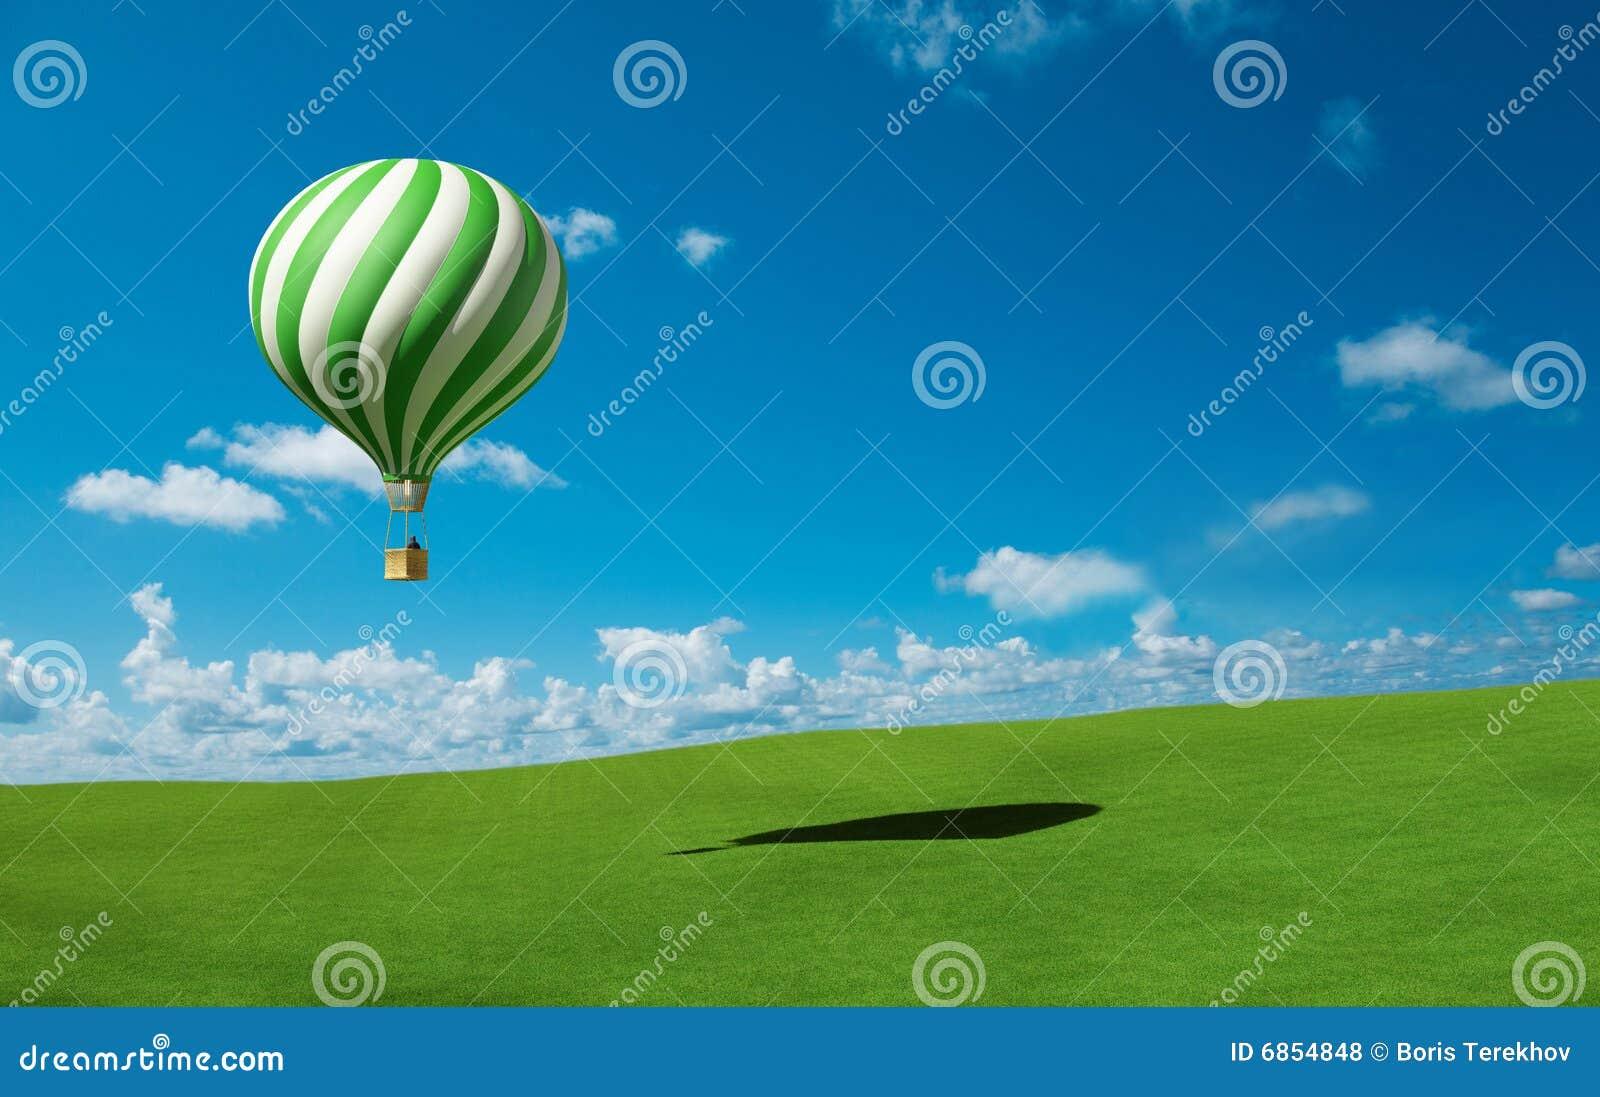 De groen-witte Ballon van de Hete Lucht in de blauwe hemel